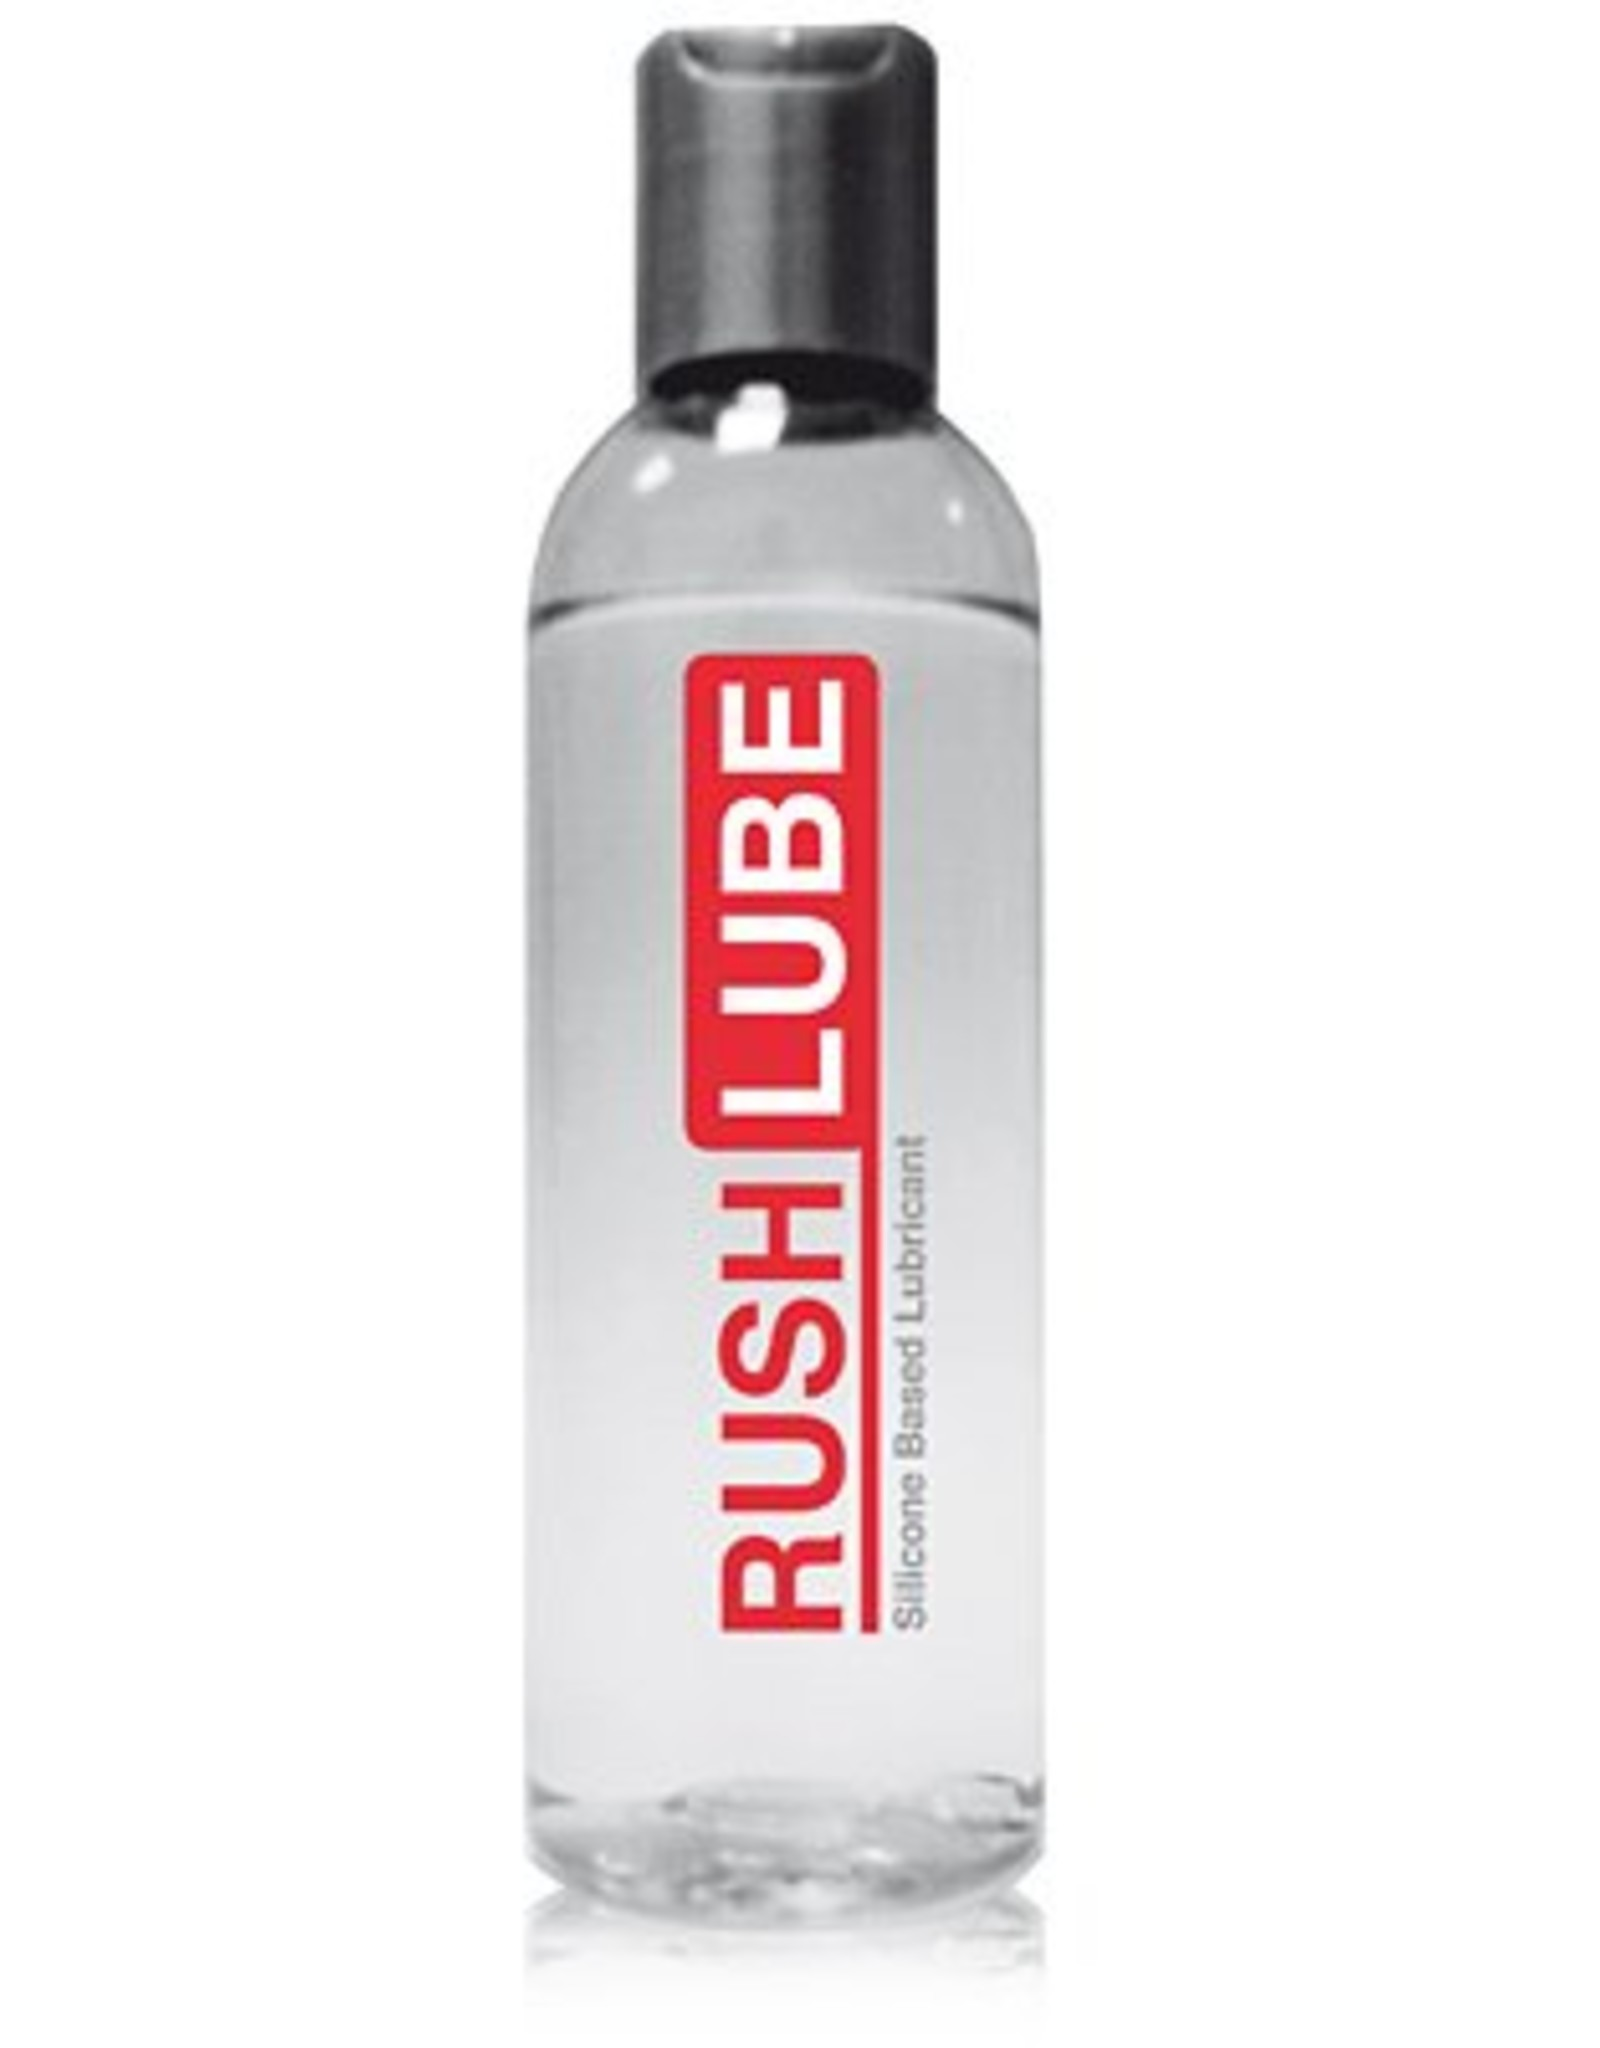 Rush Lube Gleitgel (Silikonbasis) 100 ml